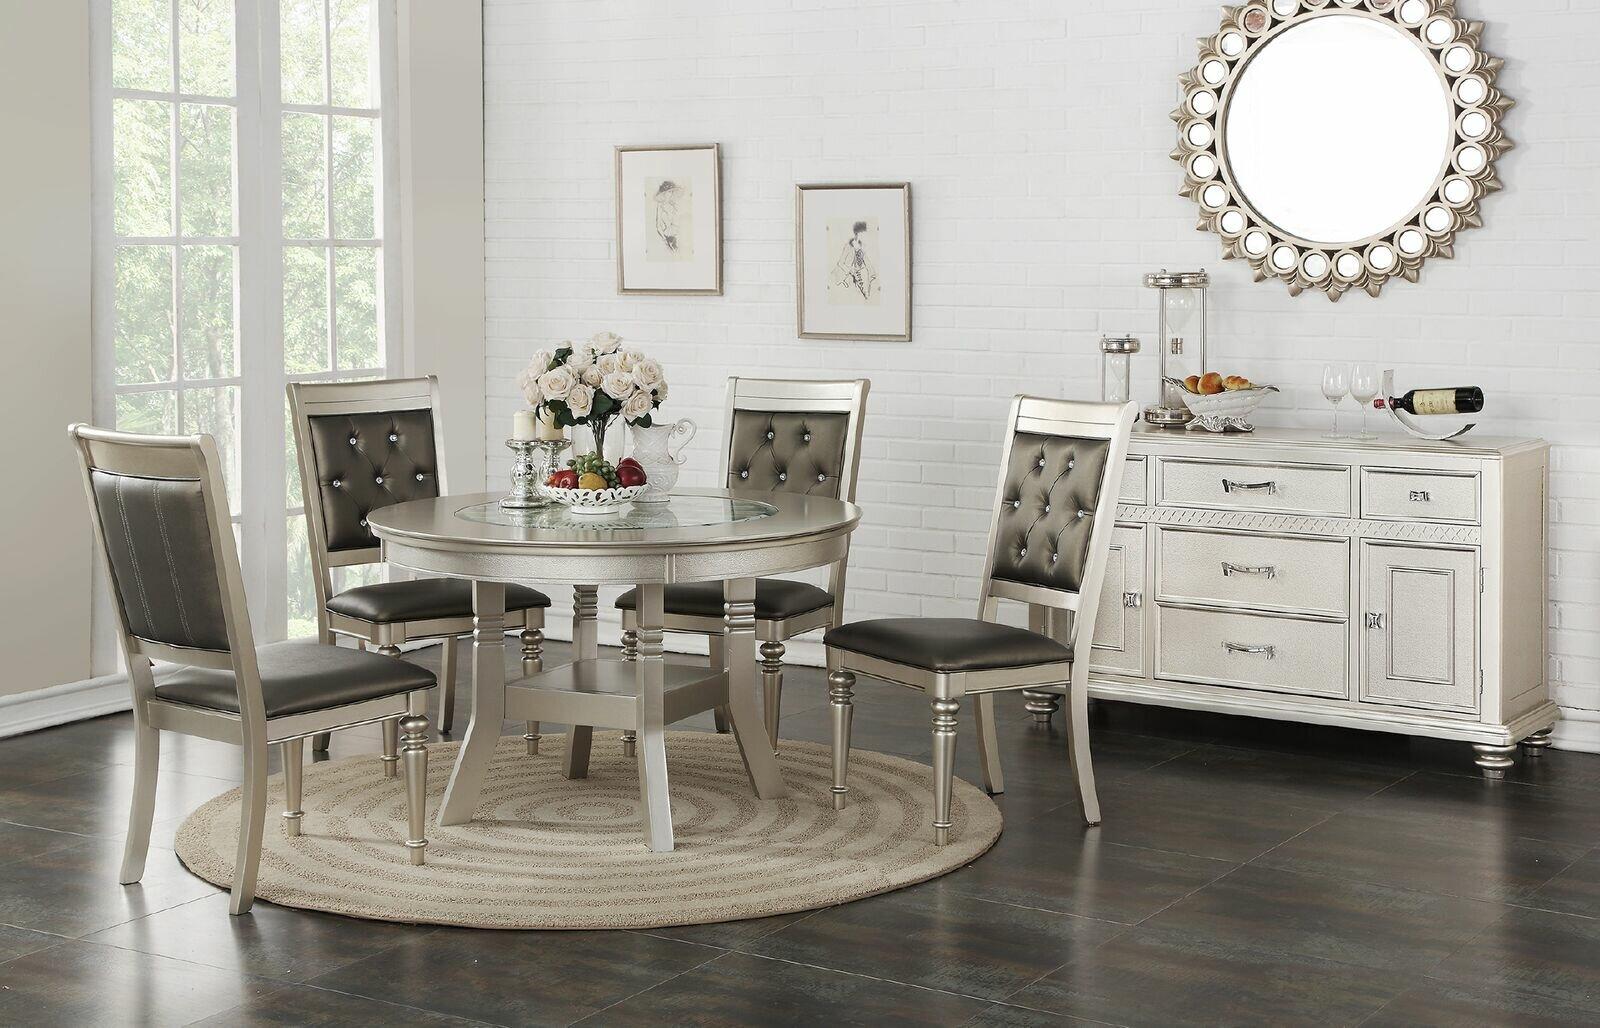 Rosdorf Park Blumer Glass 5 Piece Dining Set U0026 Reviews | Wayfair